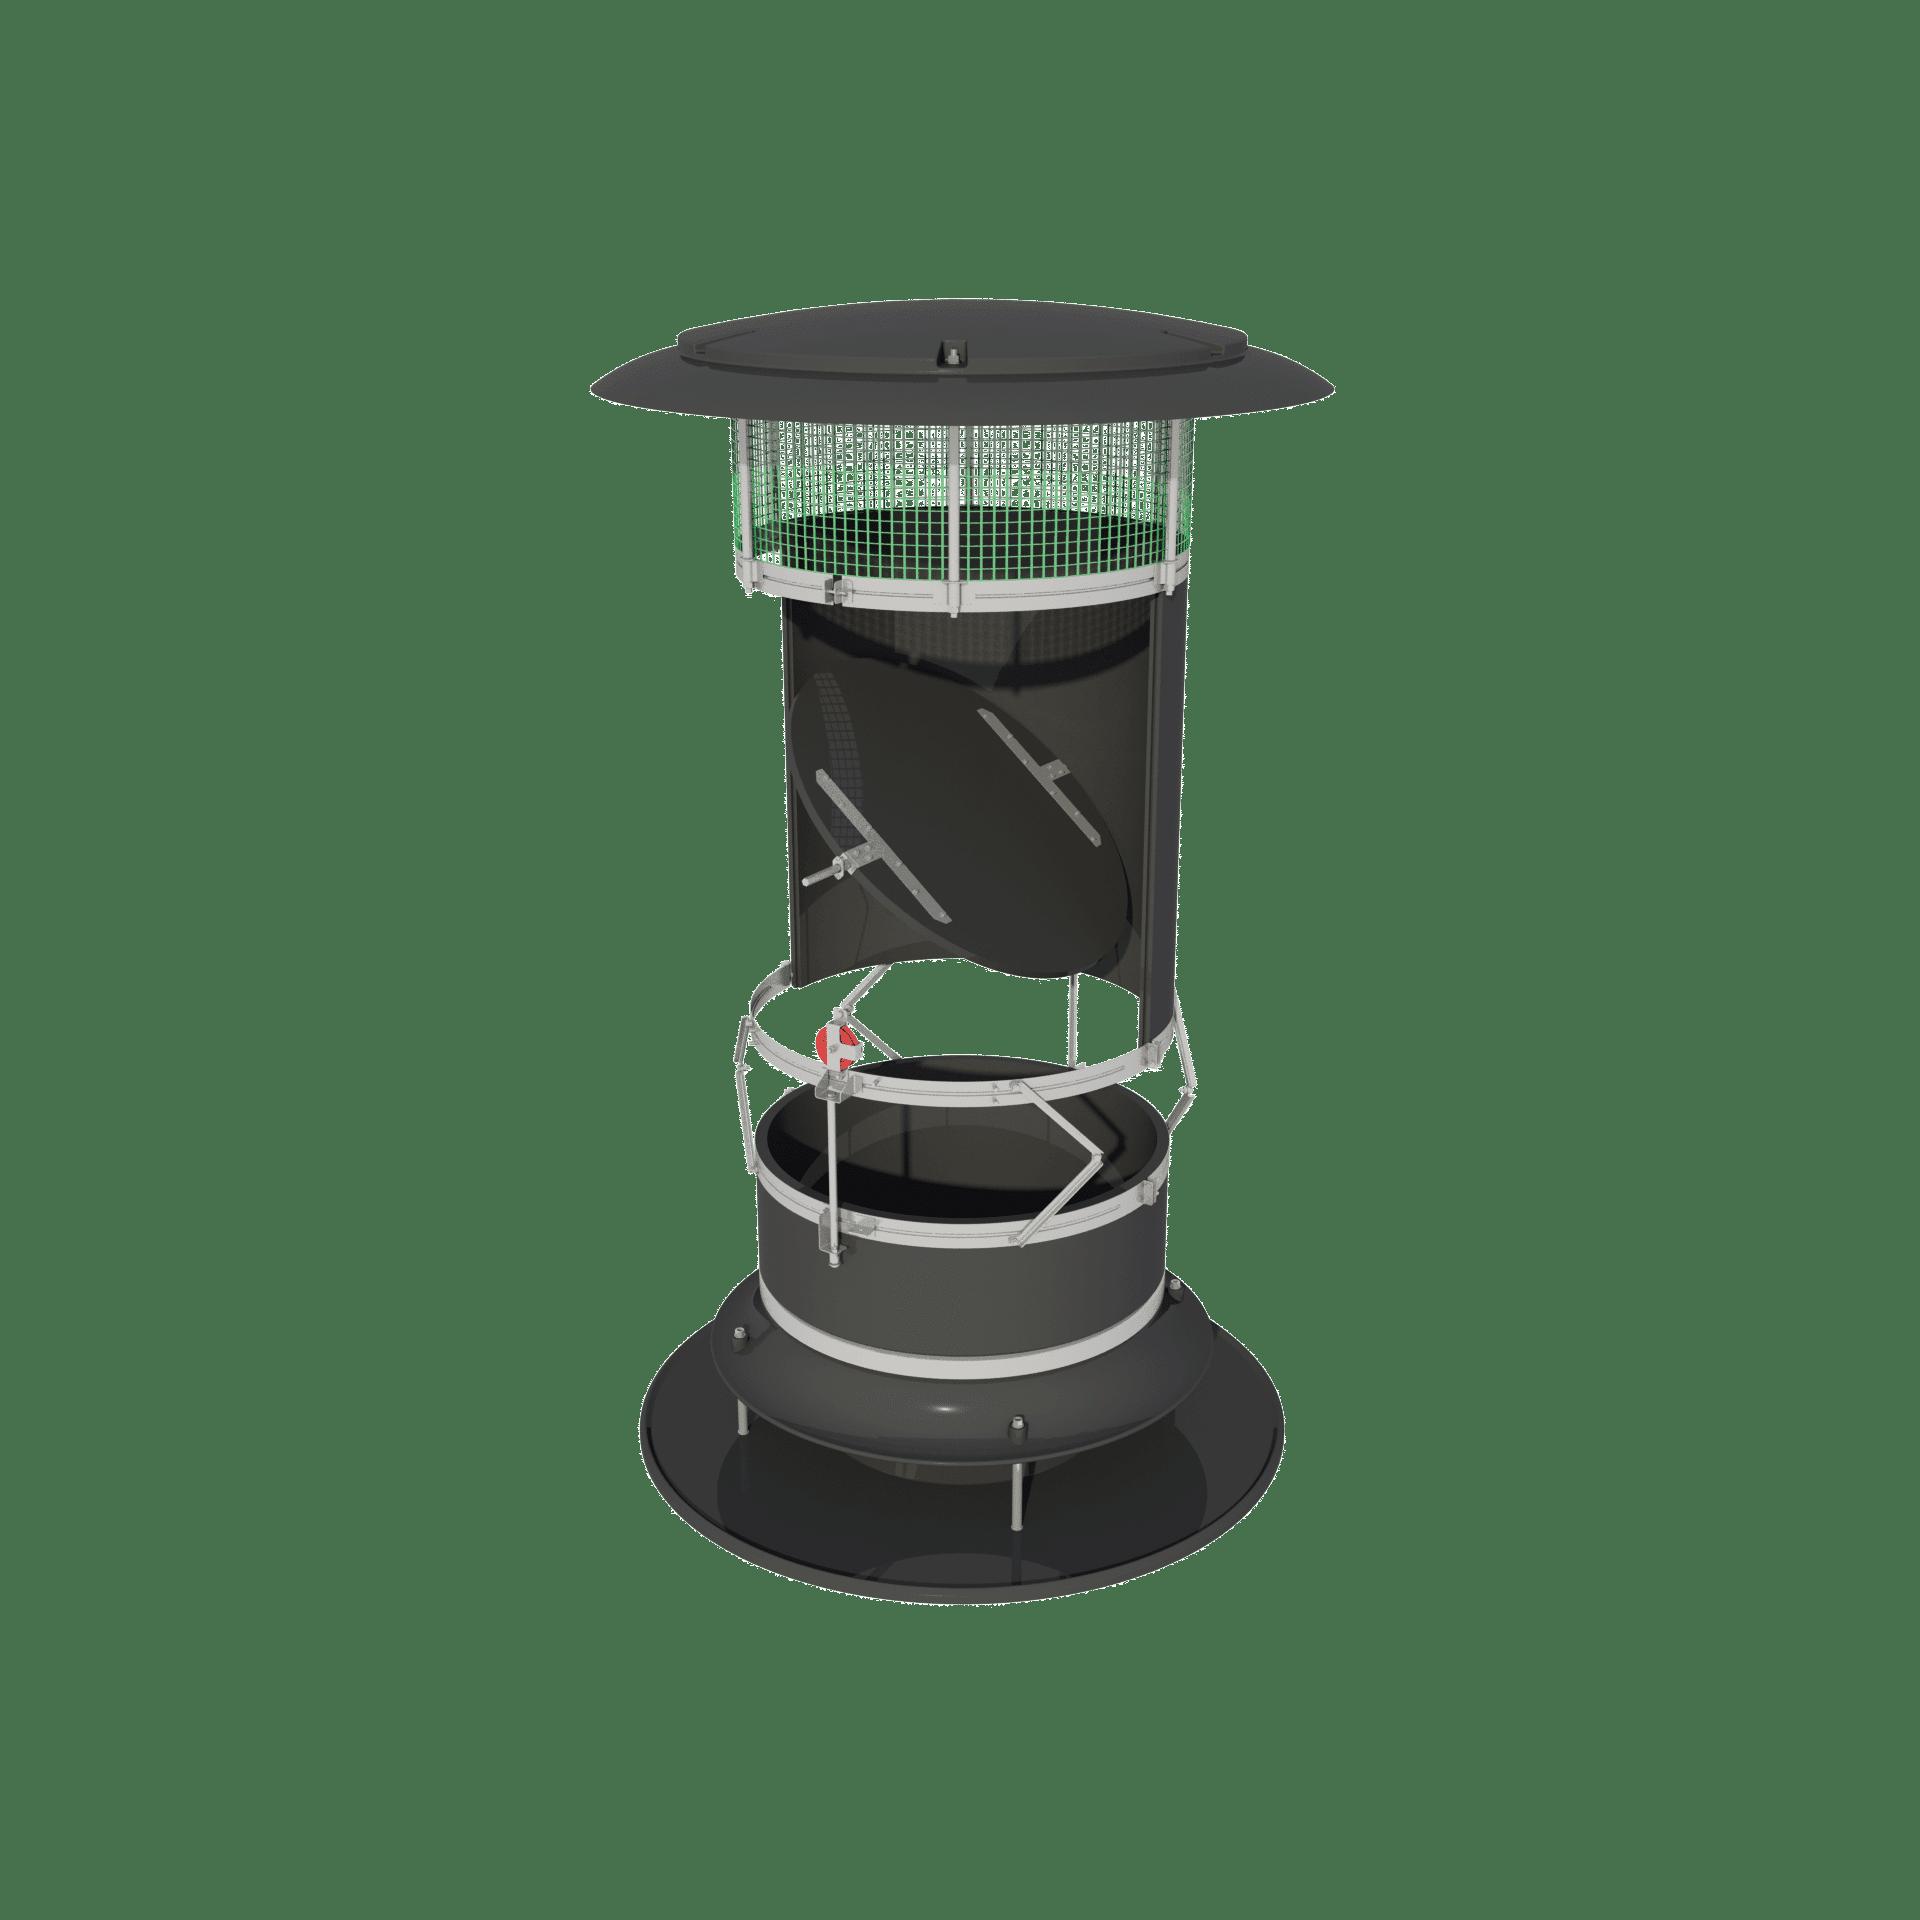 automatic recirculation chimney - ARC-F - Black